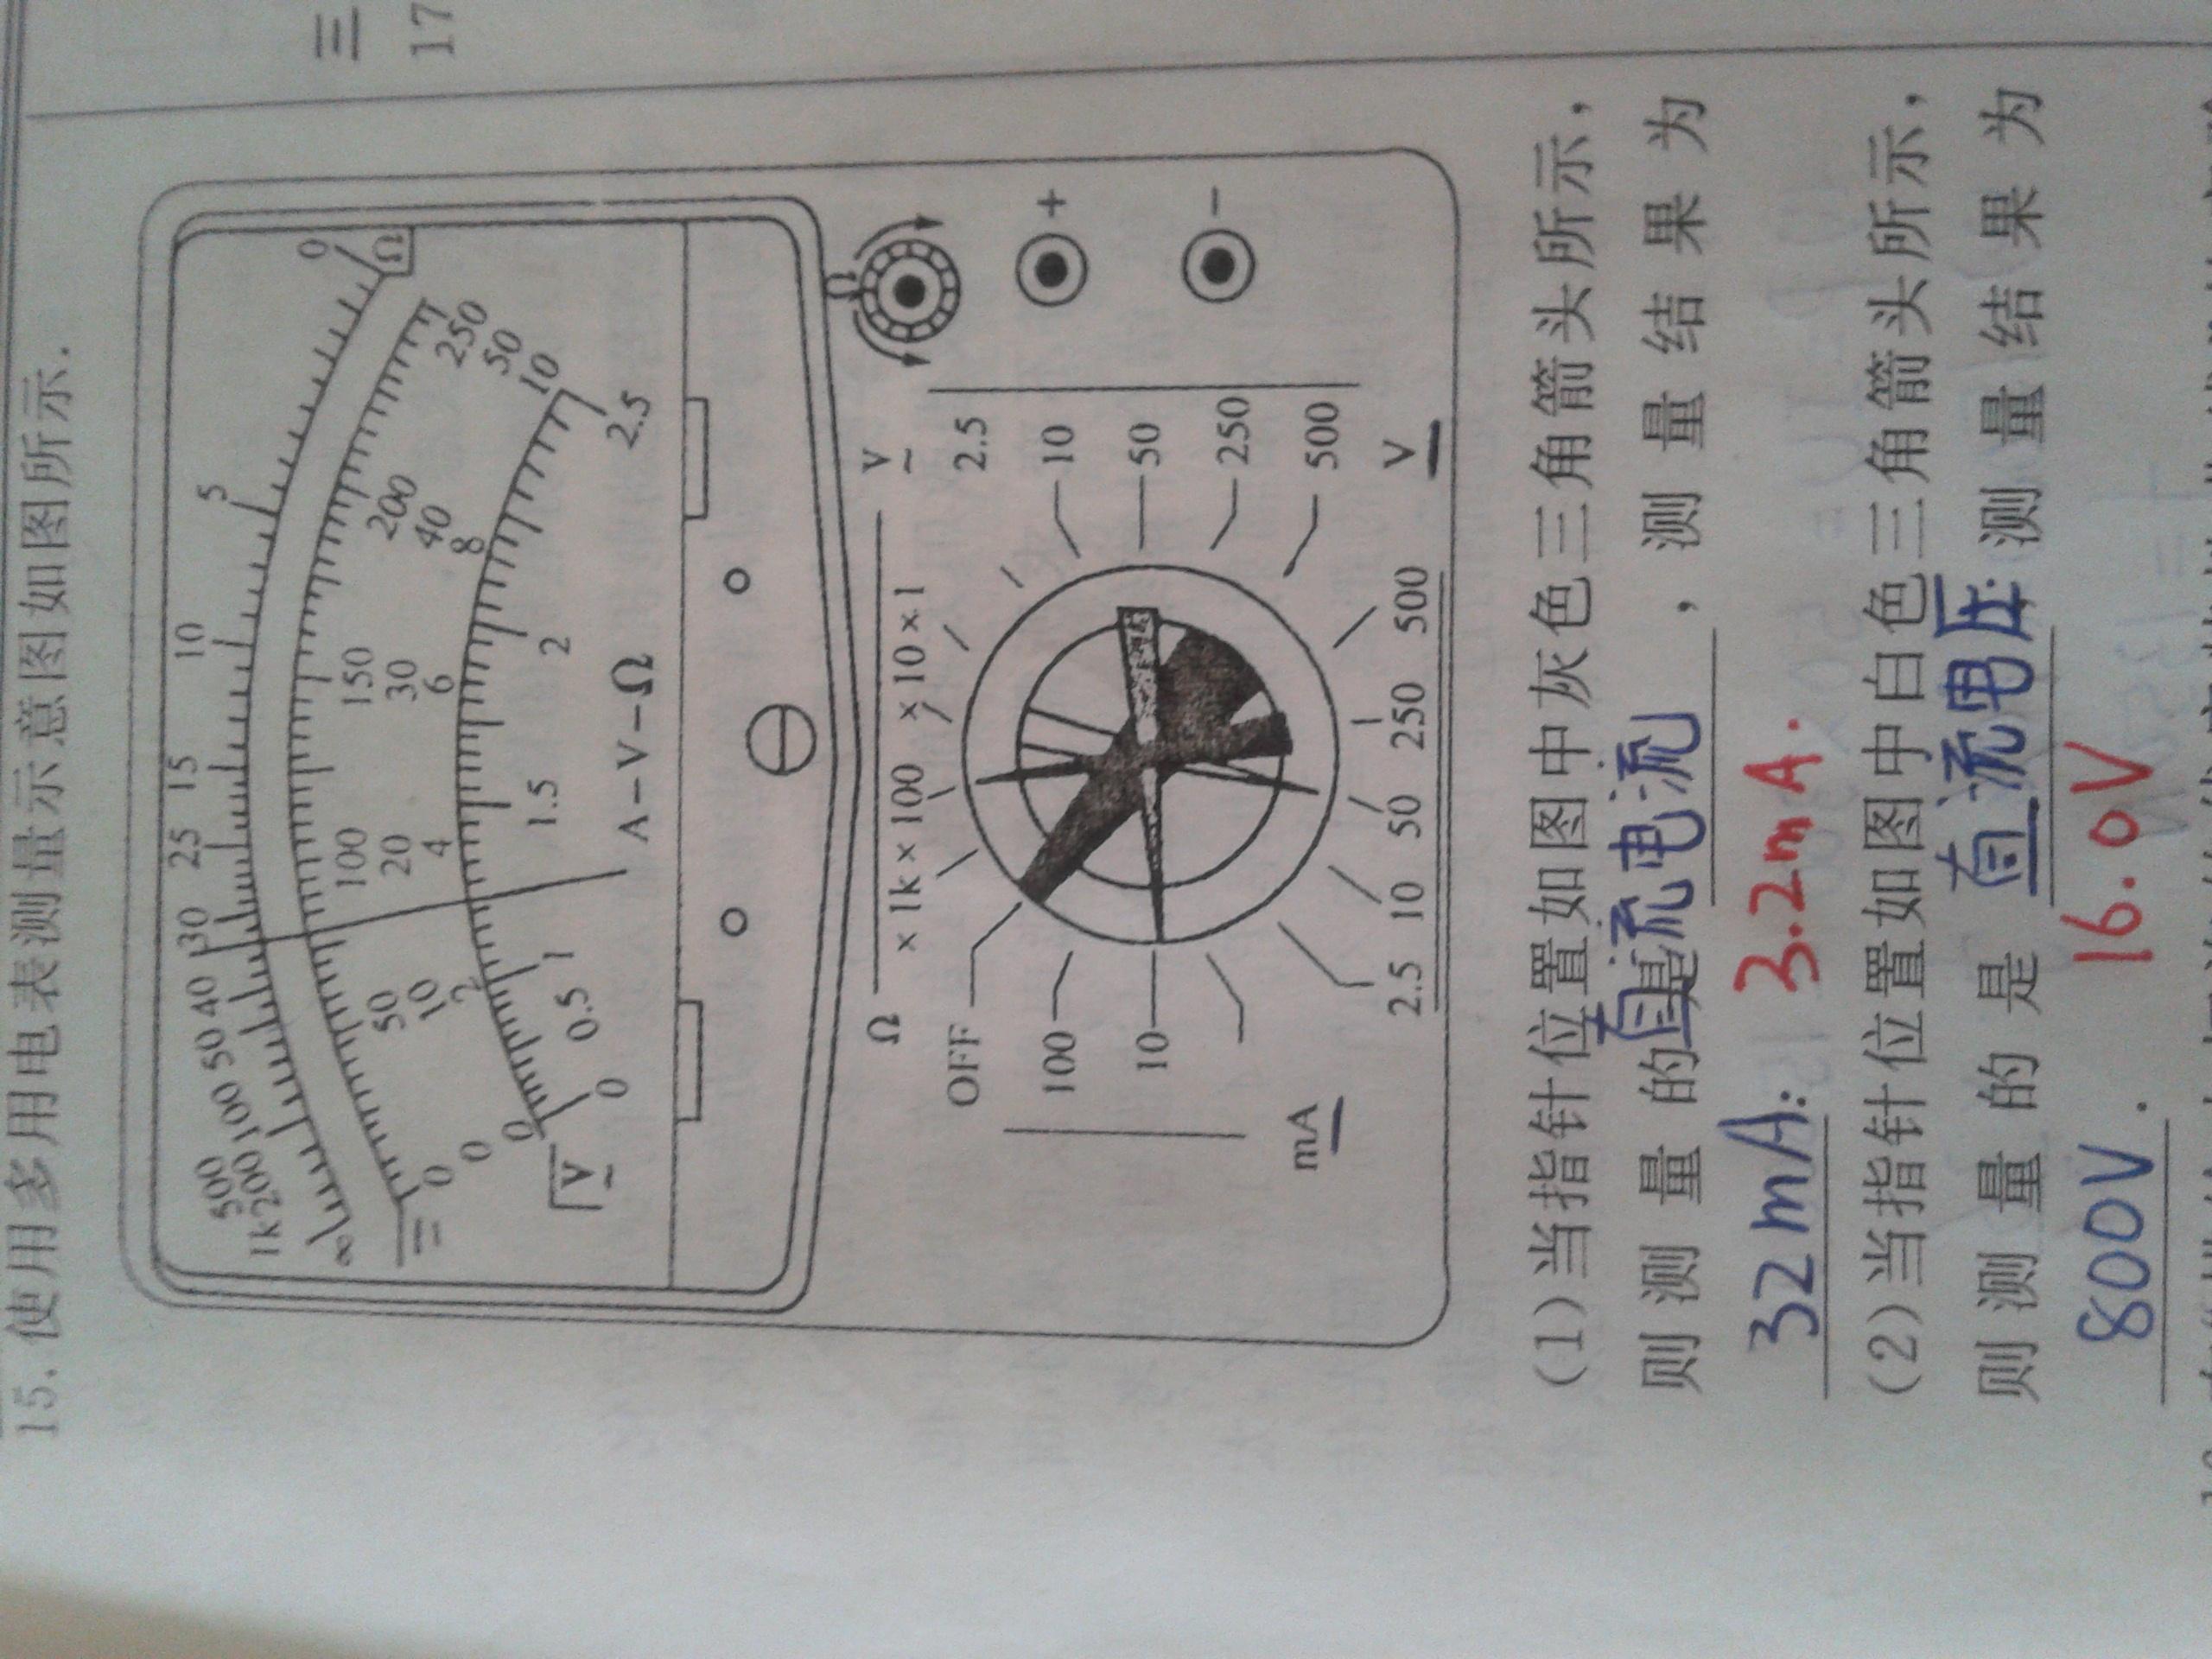 多用电表测电流电压时倍率有什么用